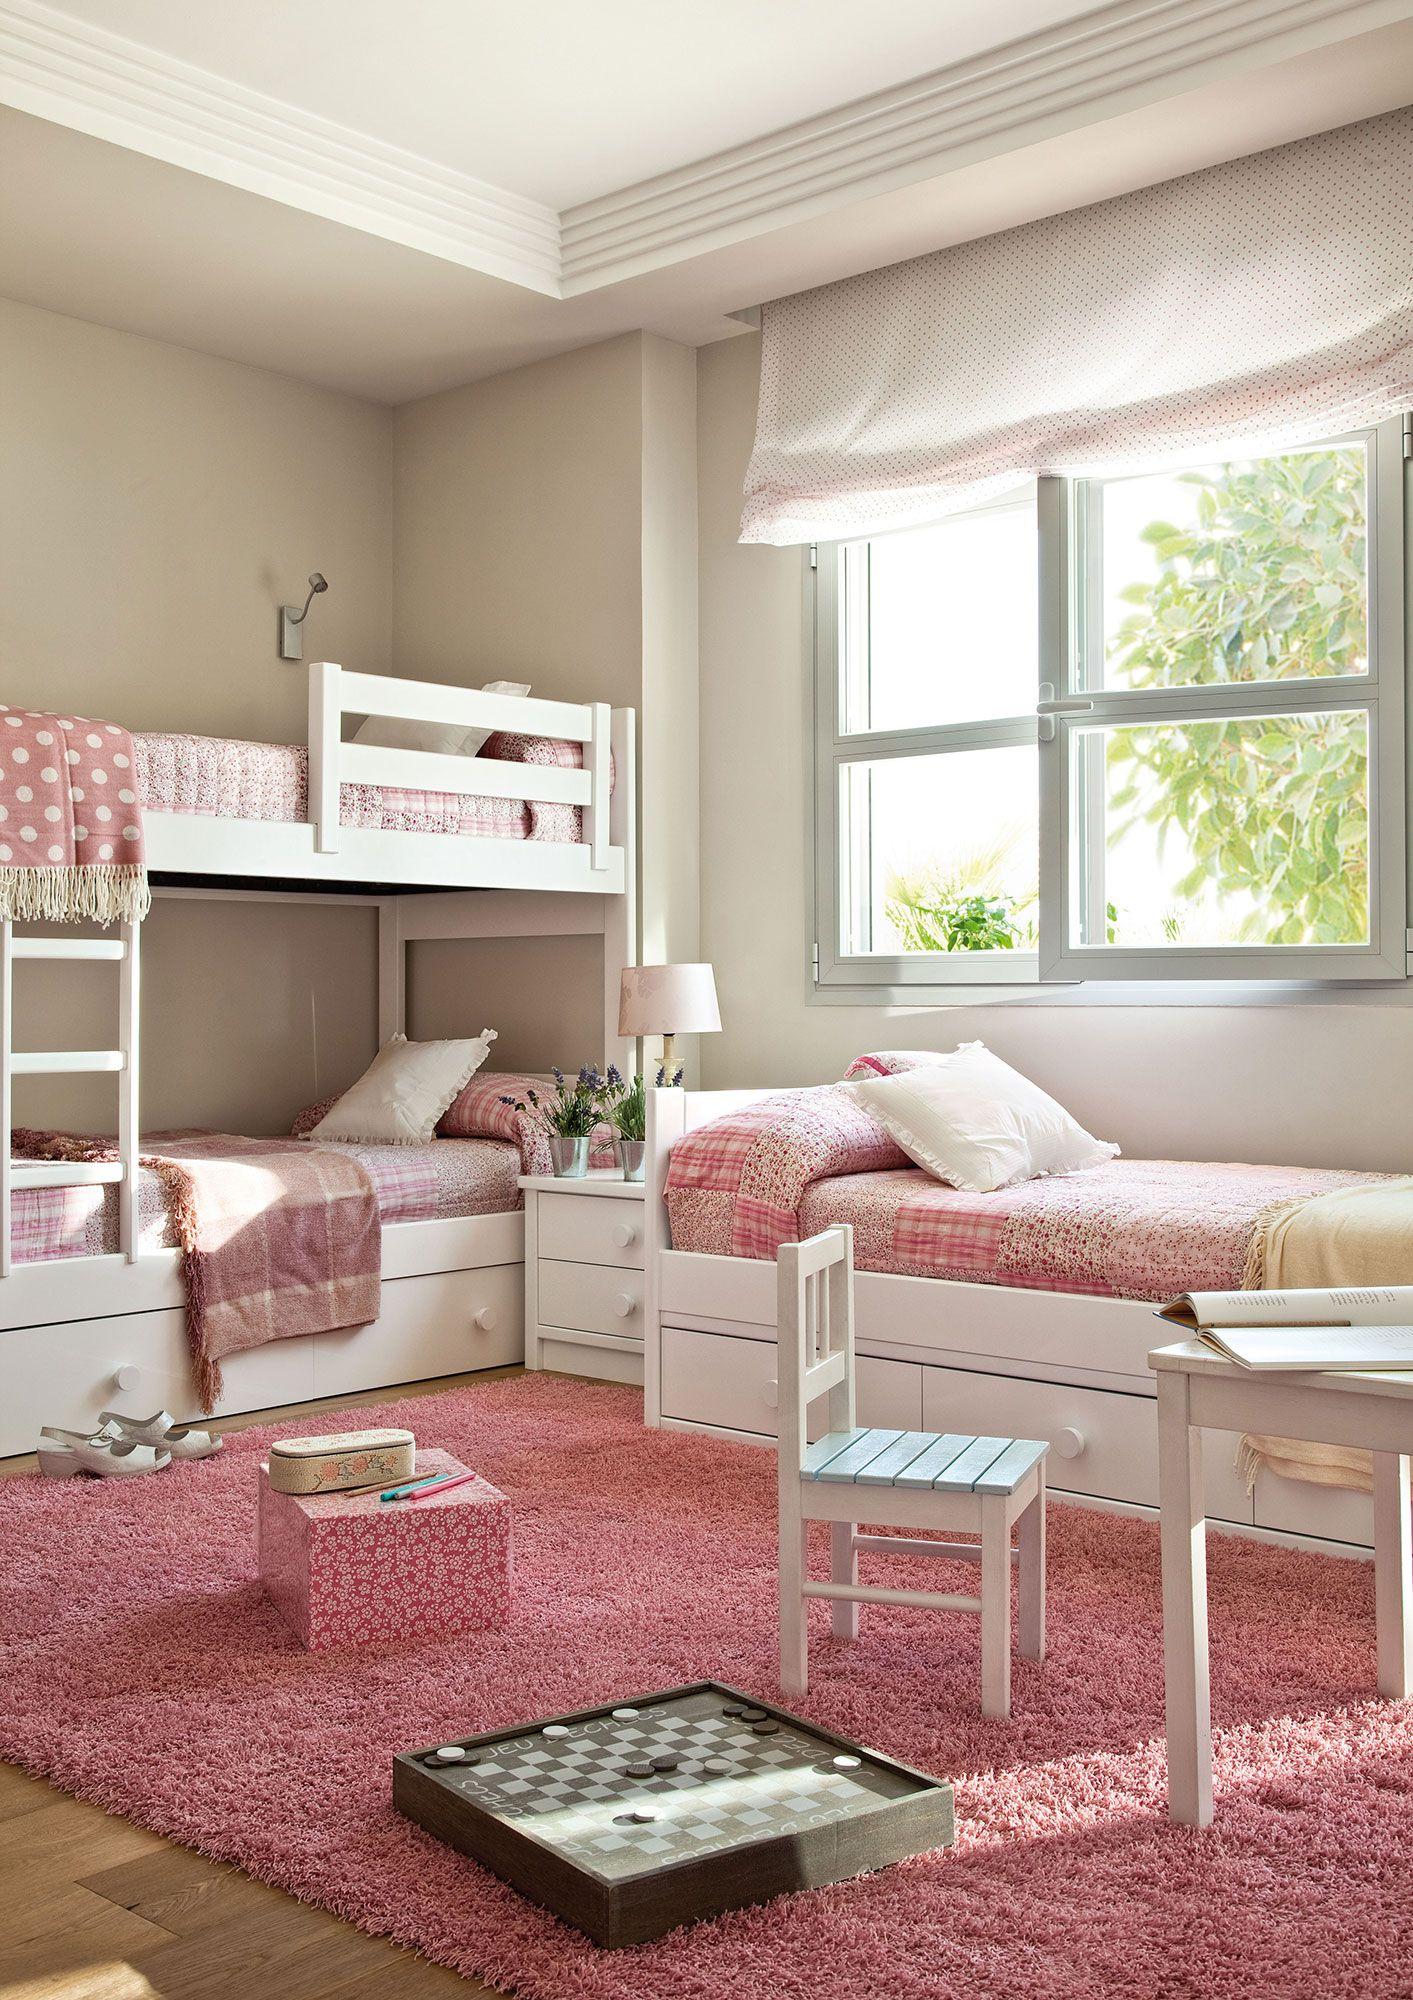 Habitaci n infantil con litera y una cama bajo la ventana for Cama habitacion infantil